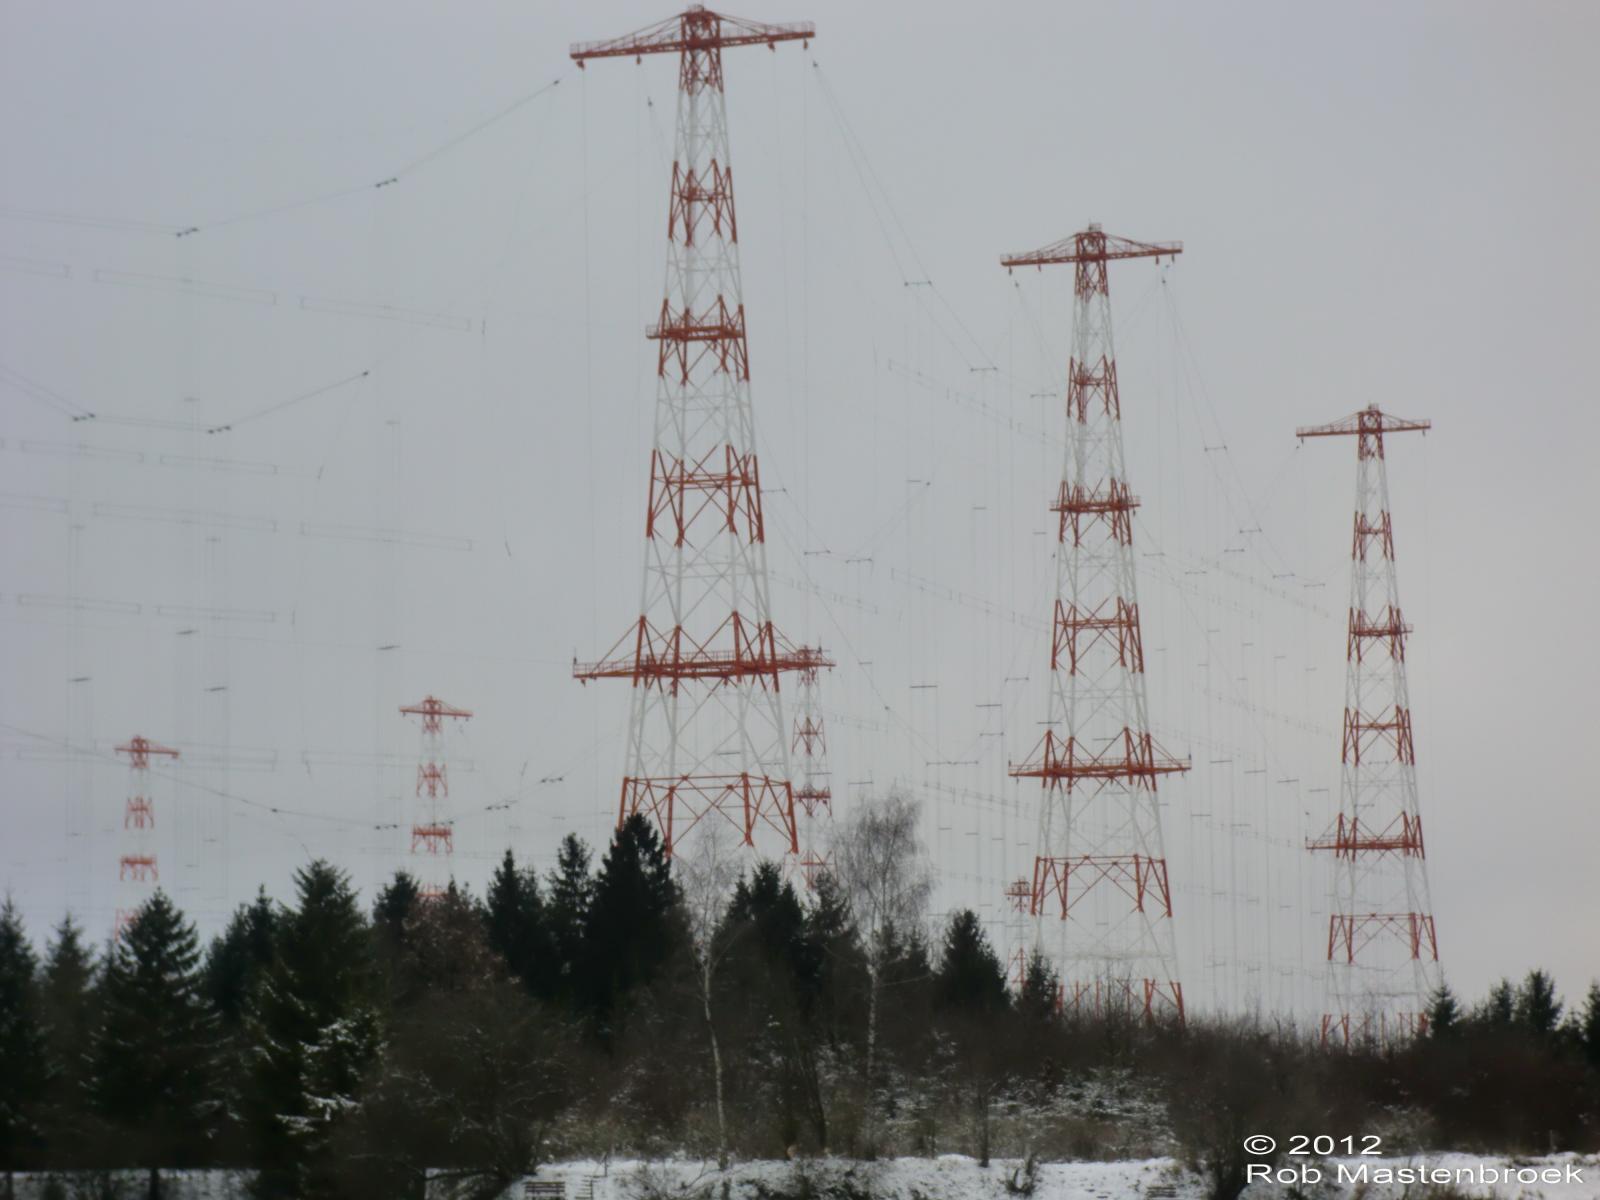 Zendlocatie Wertachtal (D) December 2012 Test Transportradio met 250 kW verhoogd vermogen